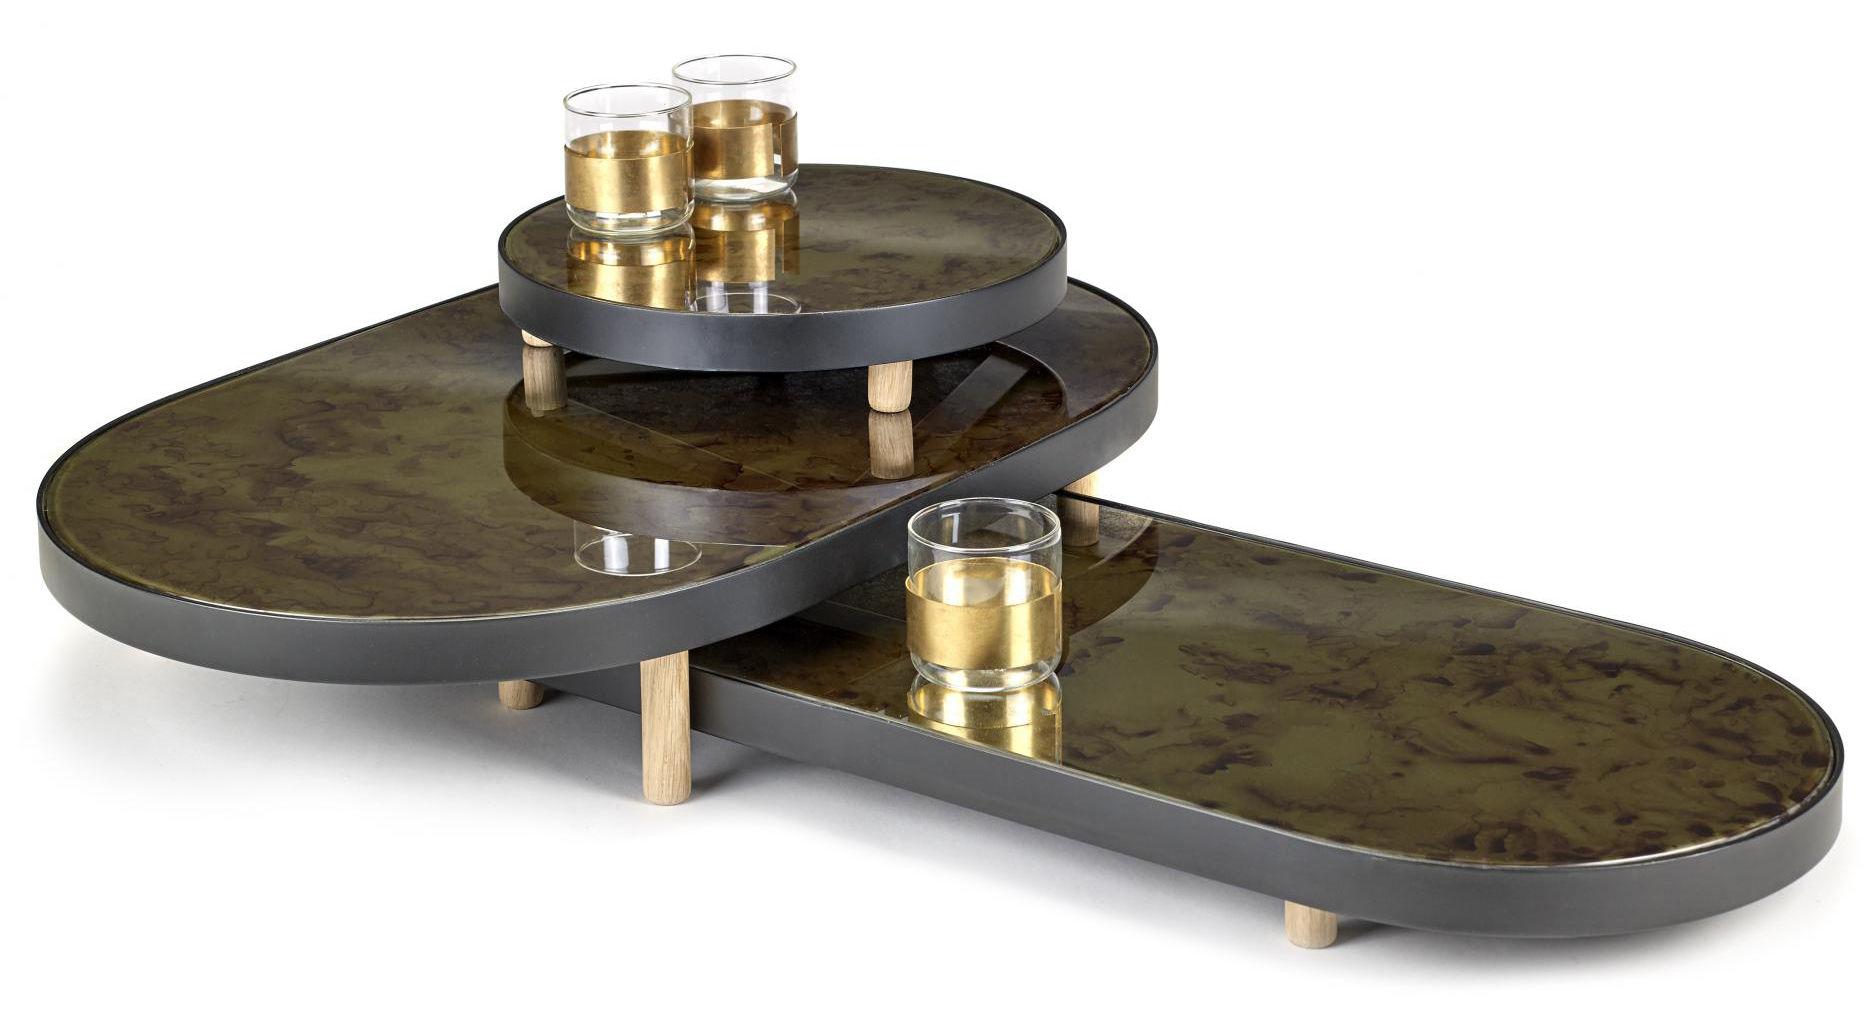 plateau reflect miroir ovale 67 x 41 cm noir miroir pieds bois naturel serax. Black Bedroom Furniture Sets. Home Design Ideas